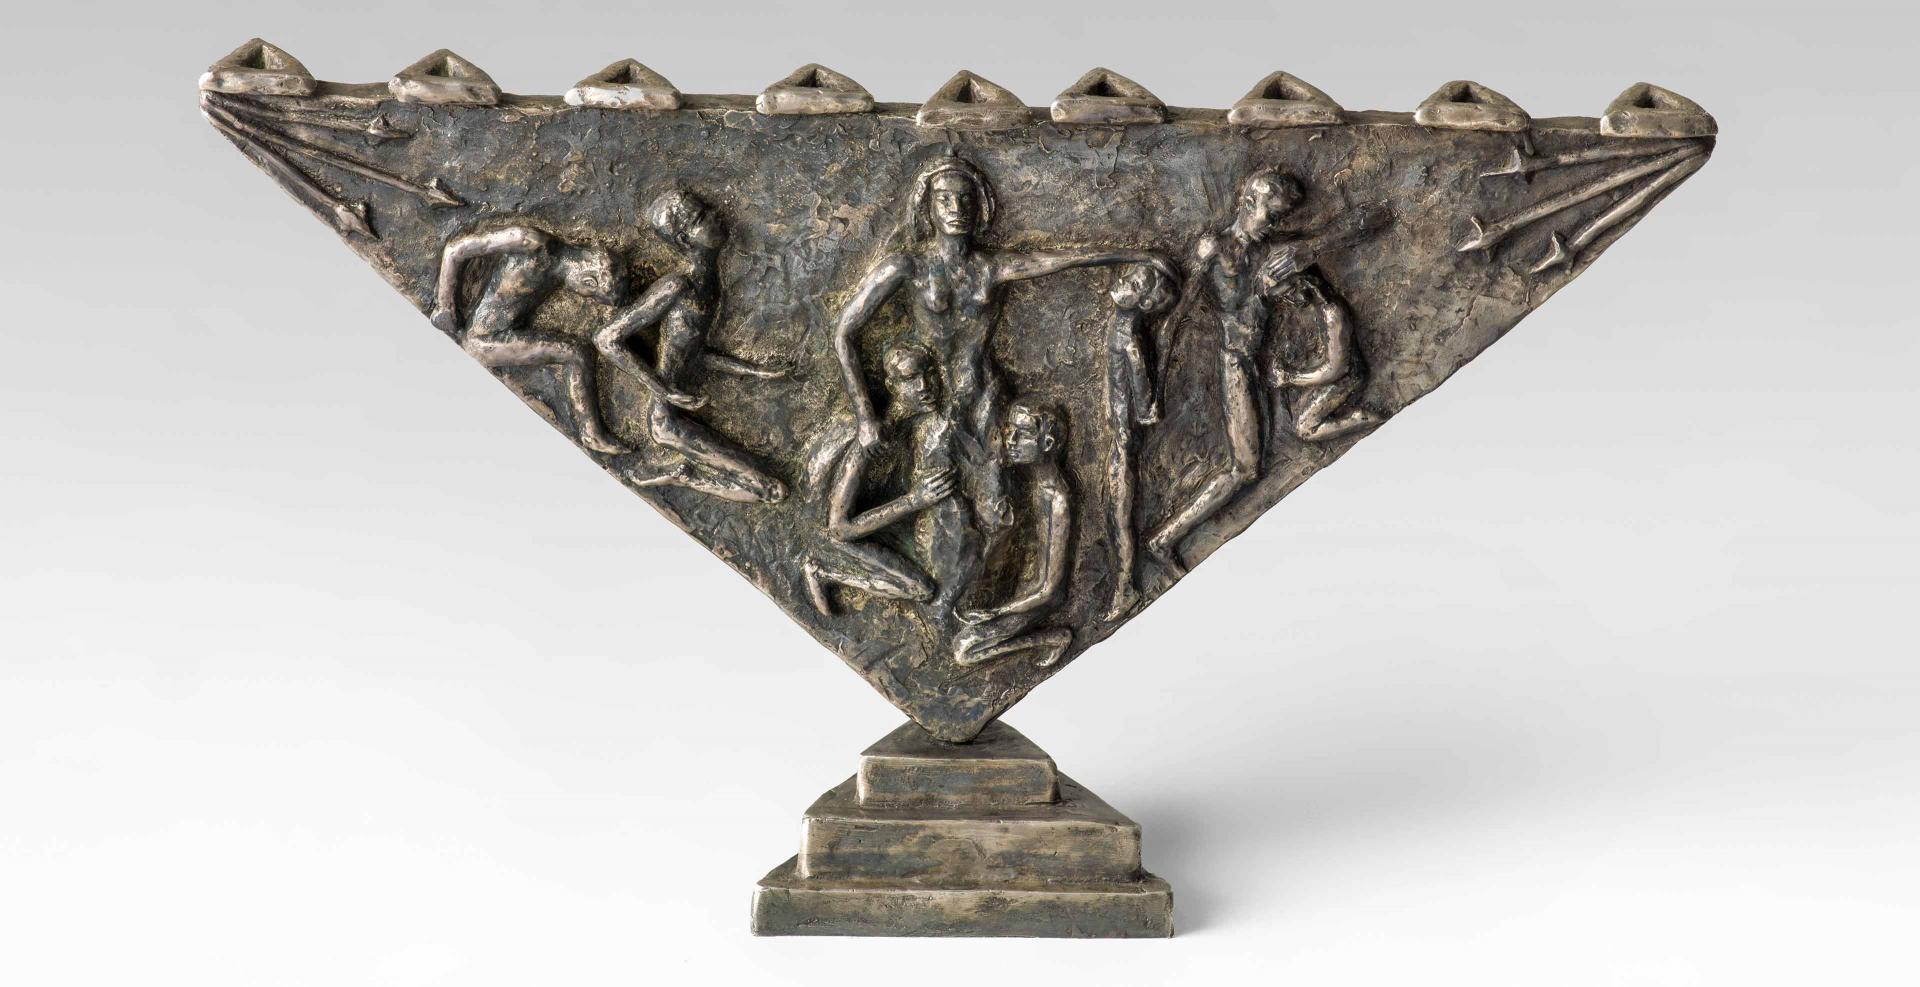 Dreieckiger Leuchter aus Bronze mit einer reliefartigen, figürlichen Darstellung